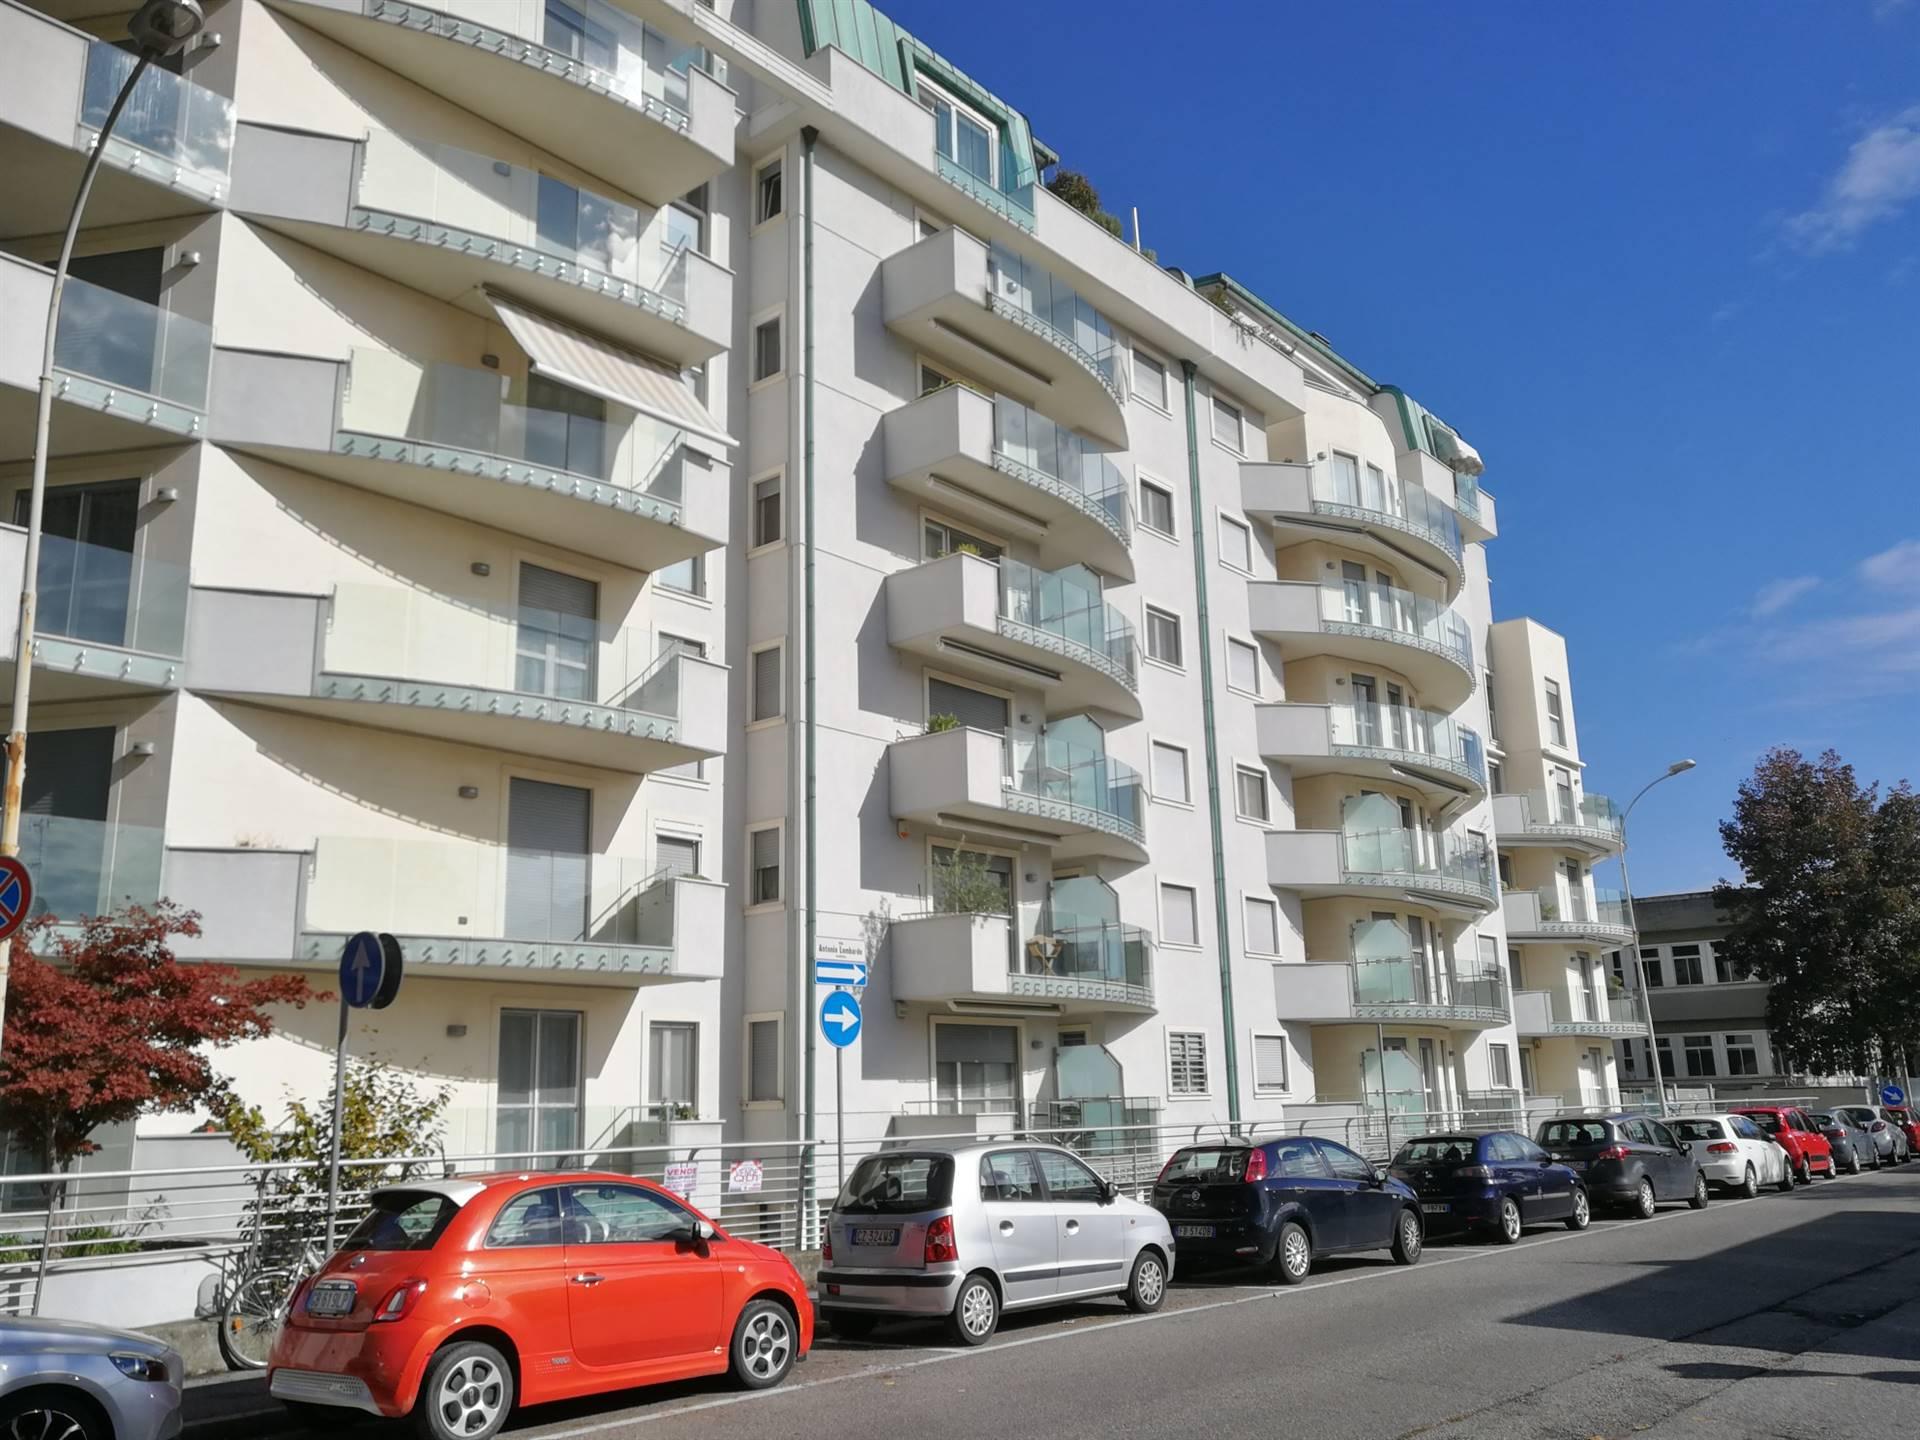 Appartamento di 2 locali in zona Stazione, al 2° piano composto da: soggiorno con cucina a vista, camera matrimoniale e bagno, 2 balconi uno sul